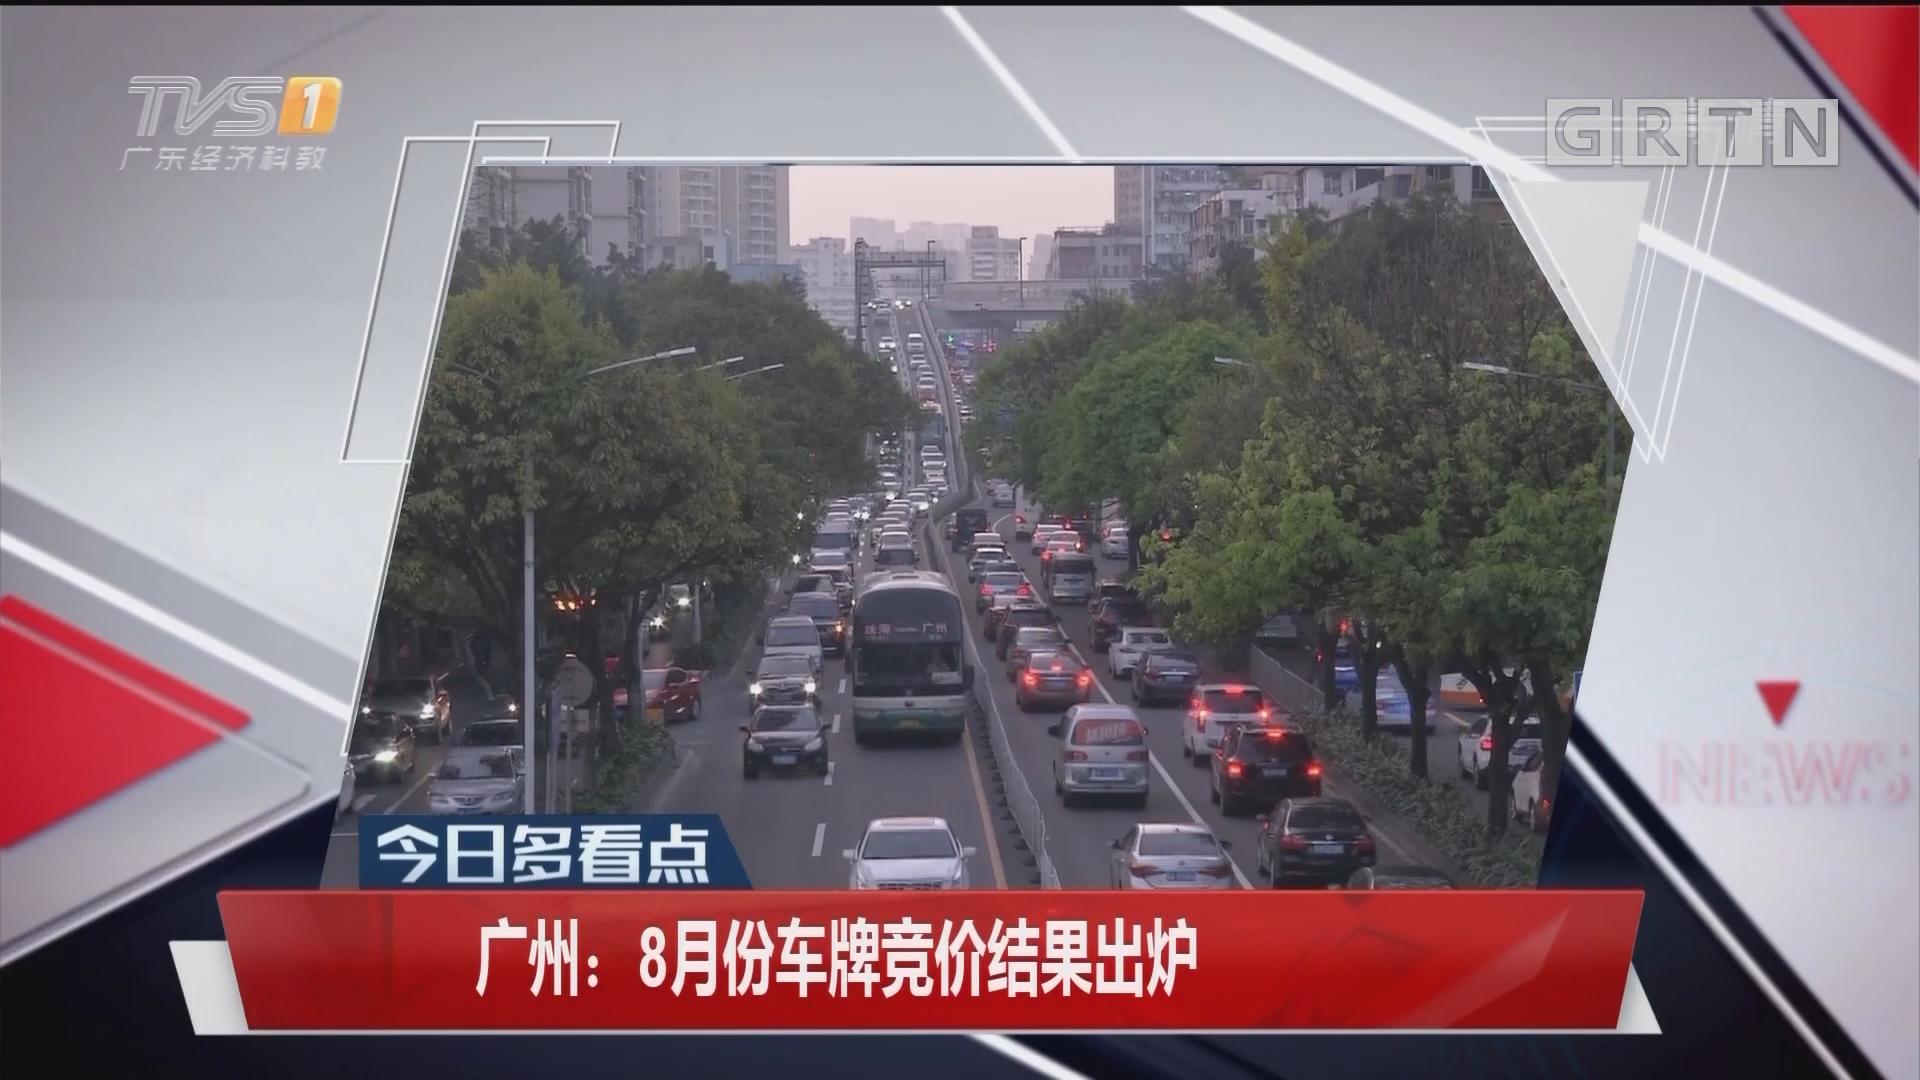 广州:8月份车牌竞价结果出炉